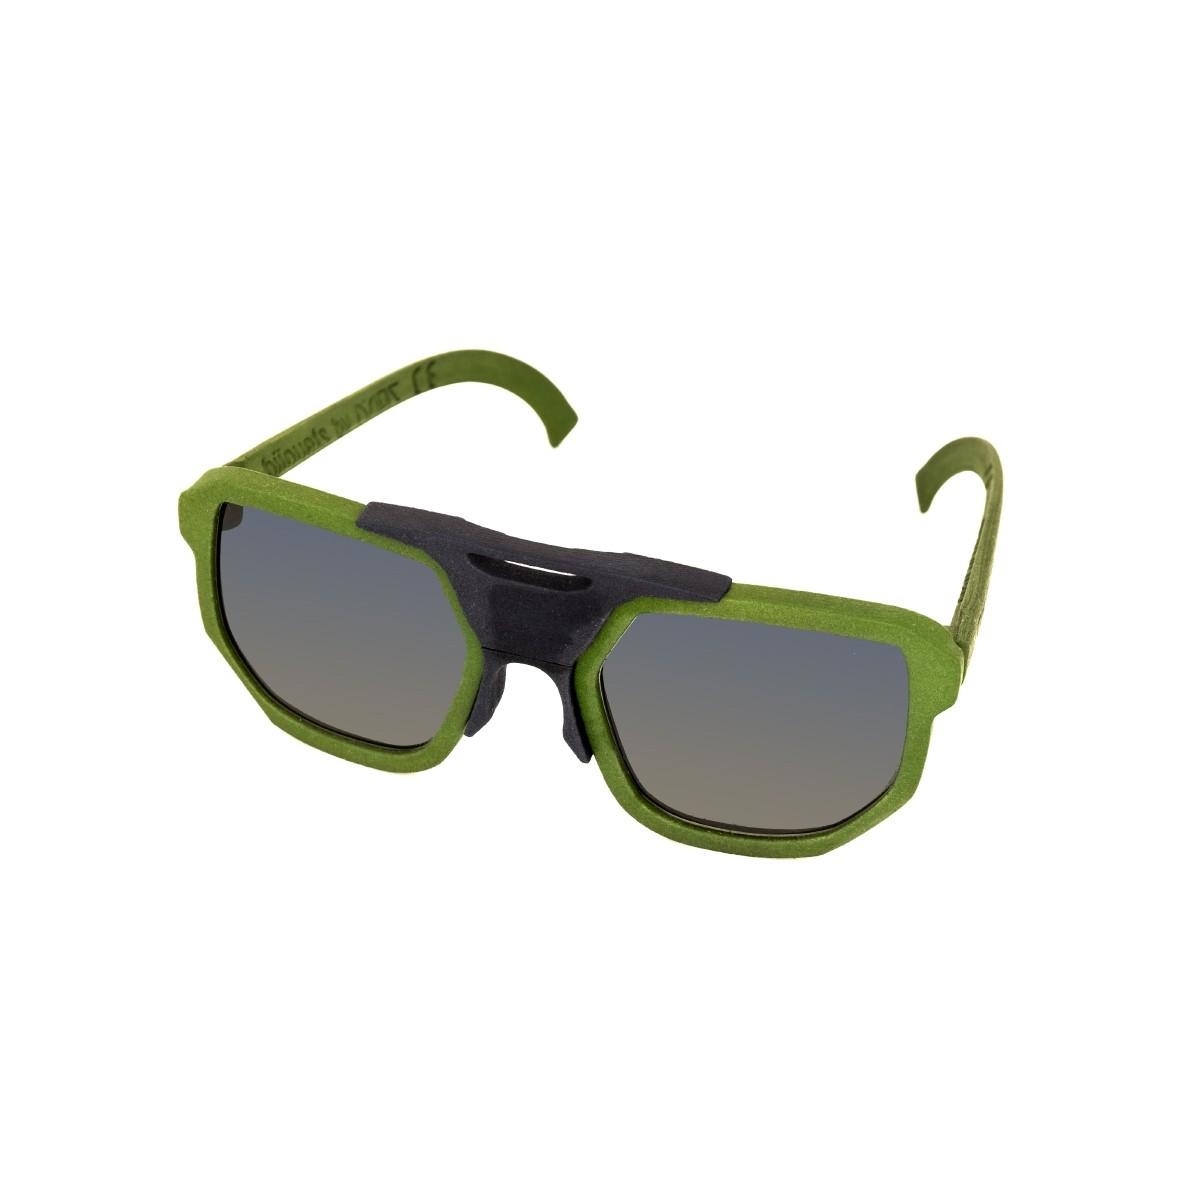 Cambiami 2.0 unisex verde, 90,00€, Occhiali Cambiami Verde a forma Rettangolare